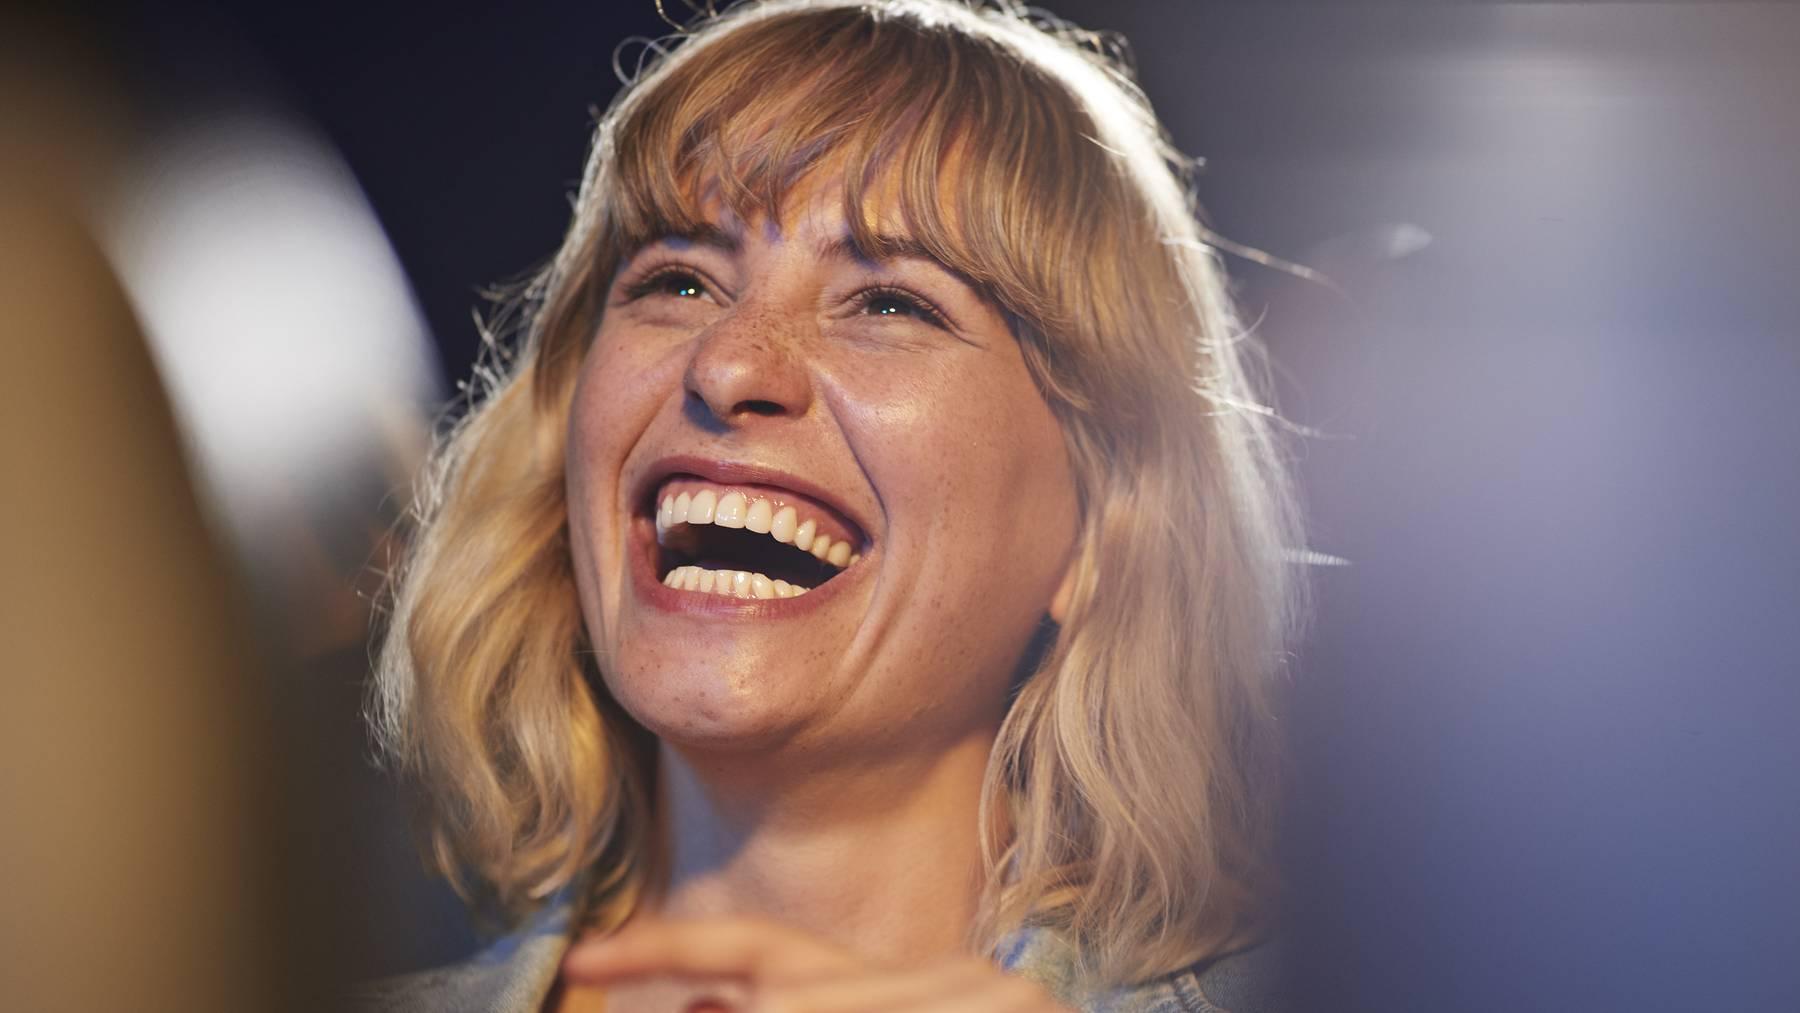 Frau lachen lustig